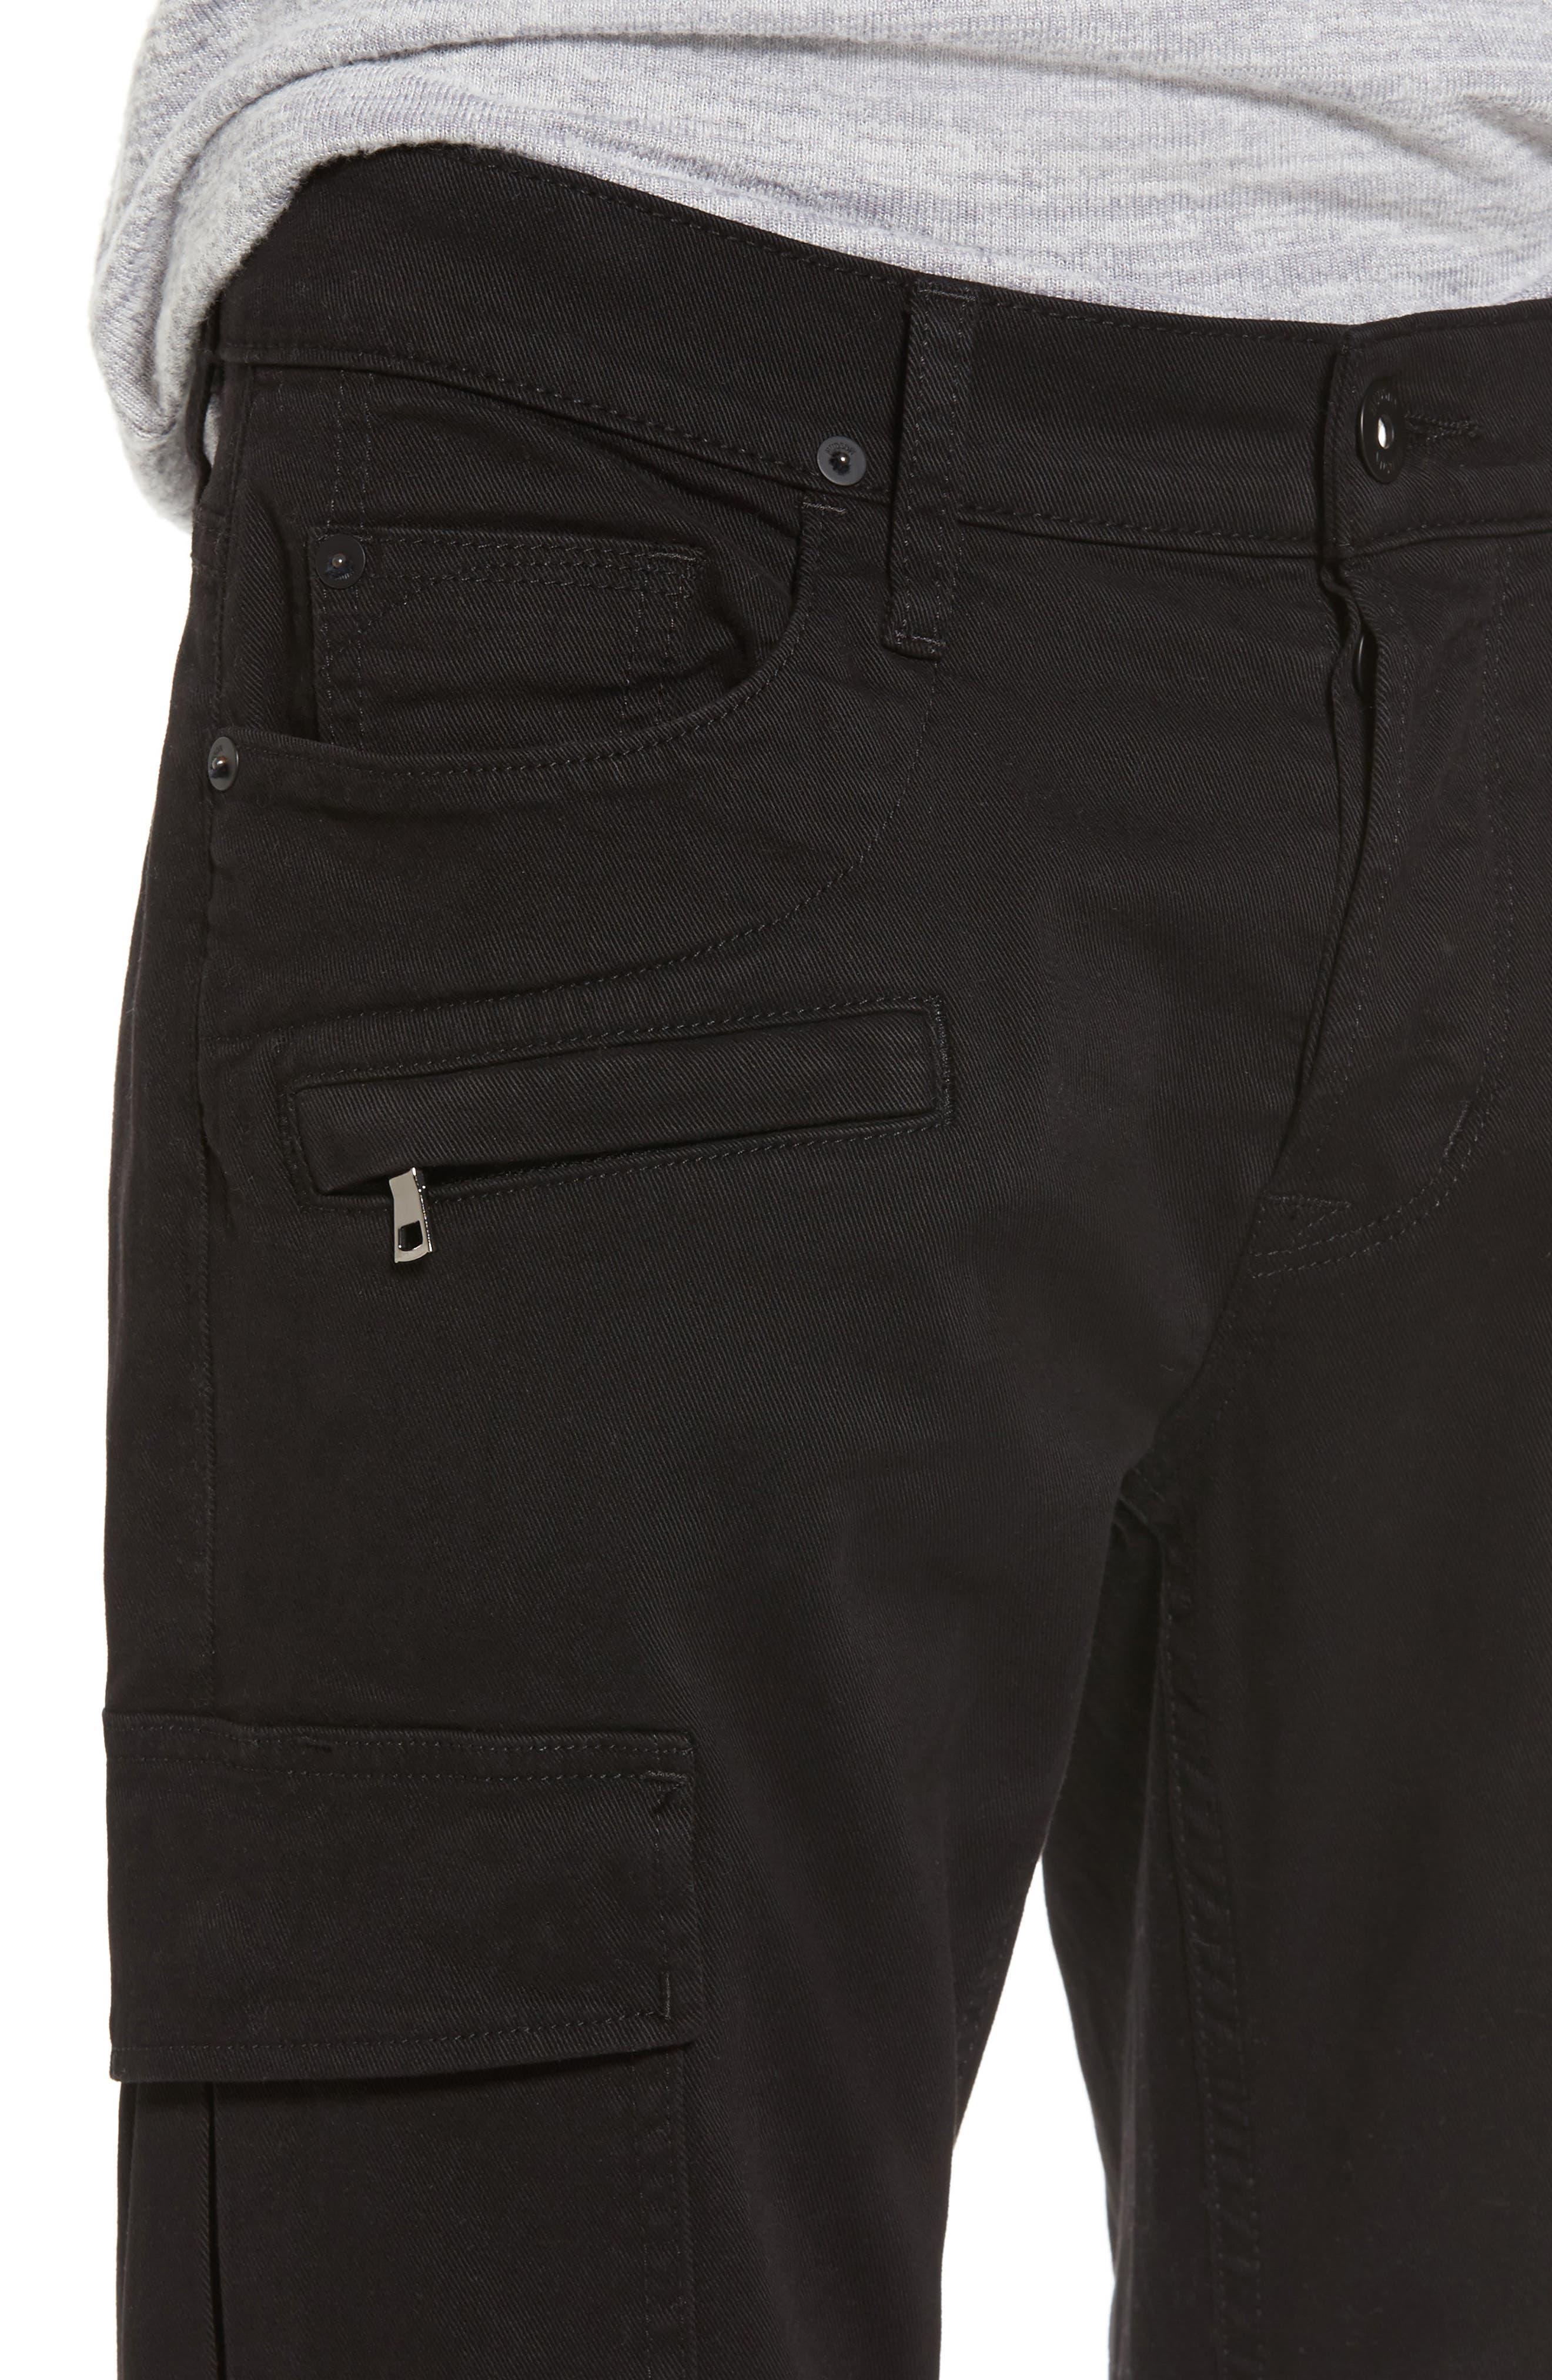 Alternate Image 4  - Hudson Jeans Greyson Cargo Biker Skinny Fit Jeans (Black)